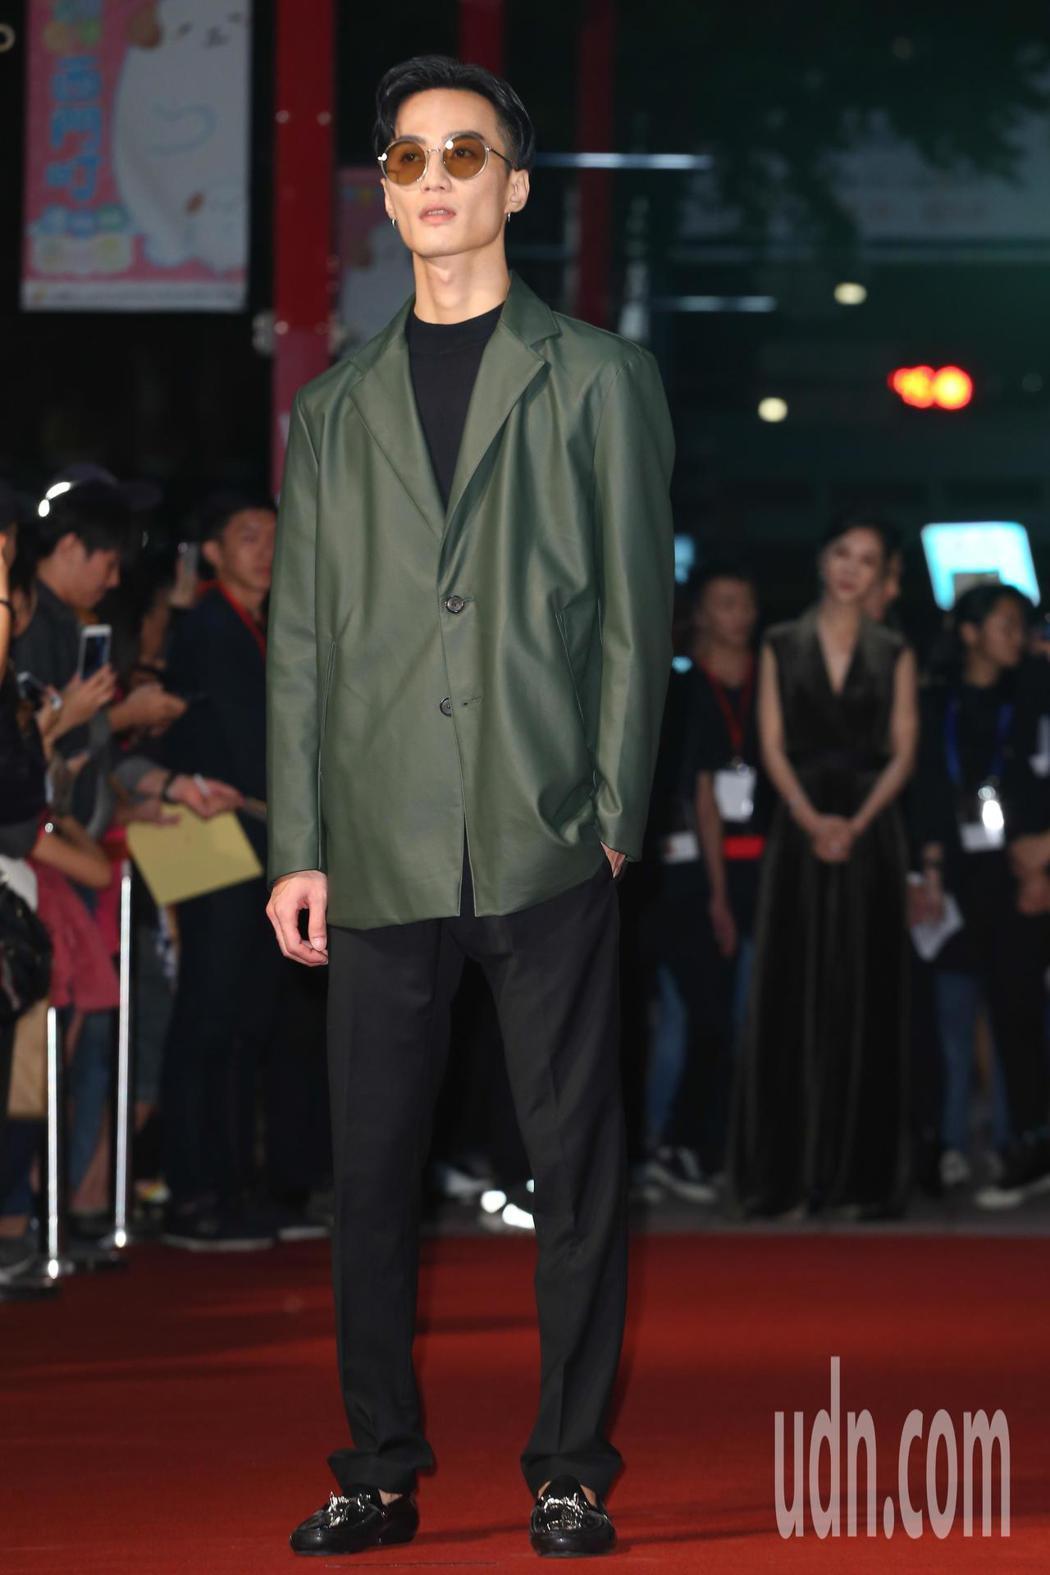 《誰先愛上他的》音樂李英宏今天出席金馬影展紅毯之夜。記者葉信菉/攝影